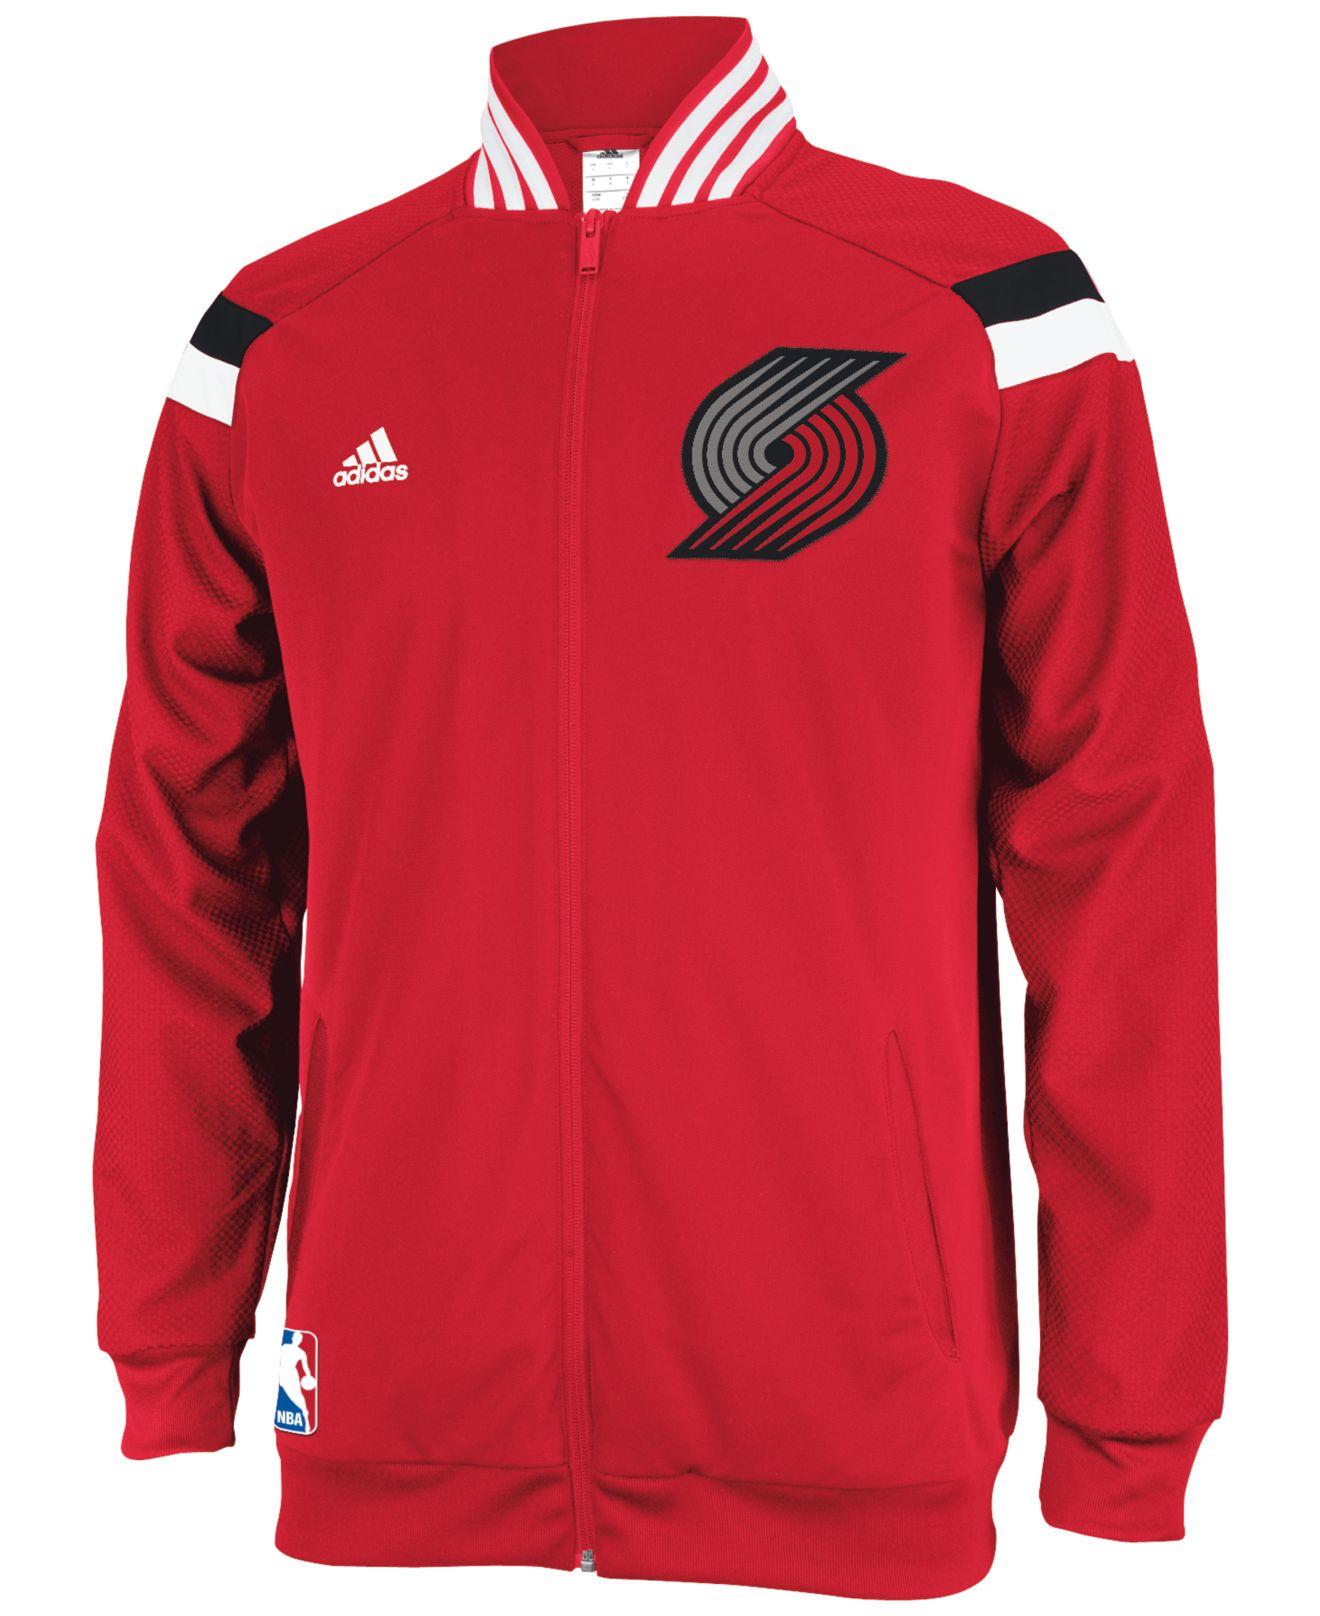 Portland Blazers Clothing: Adidas Men'S Portland Trail Blazers On-Court Jacket